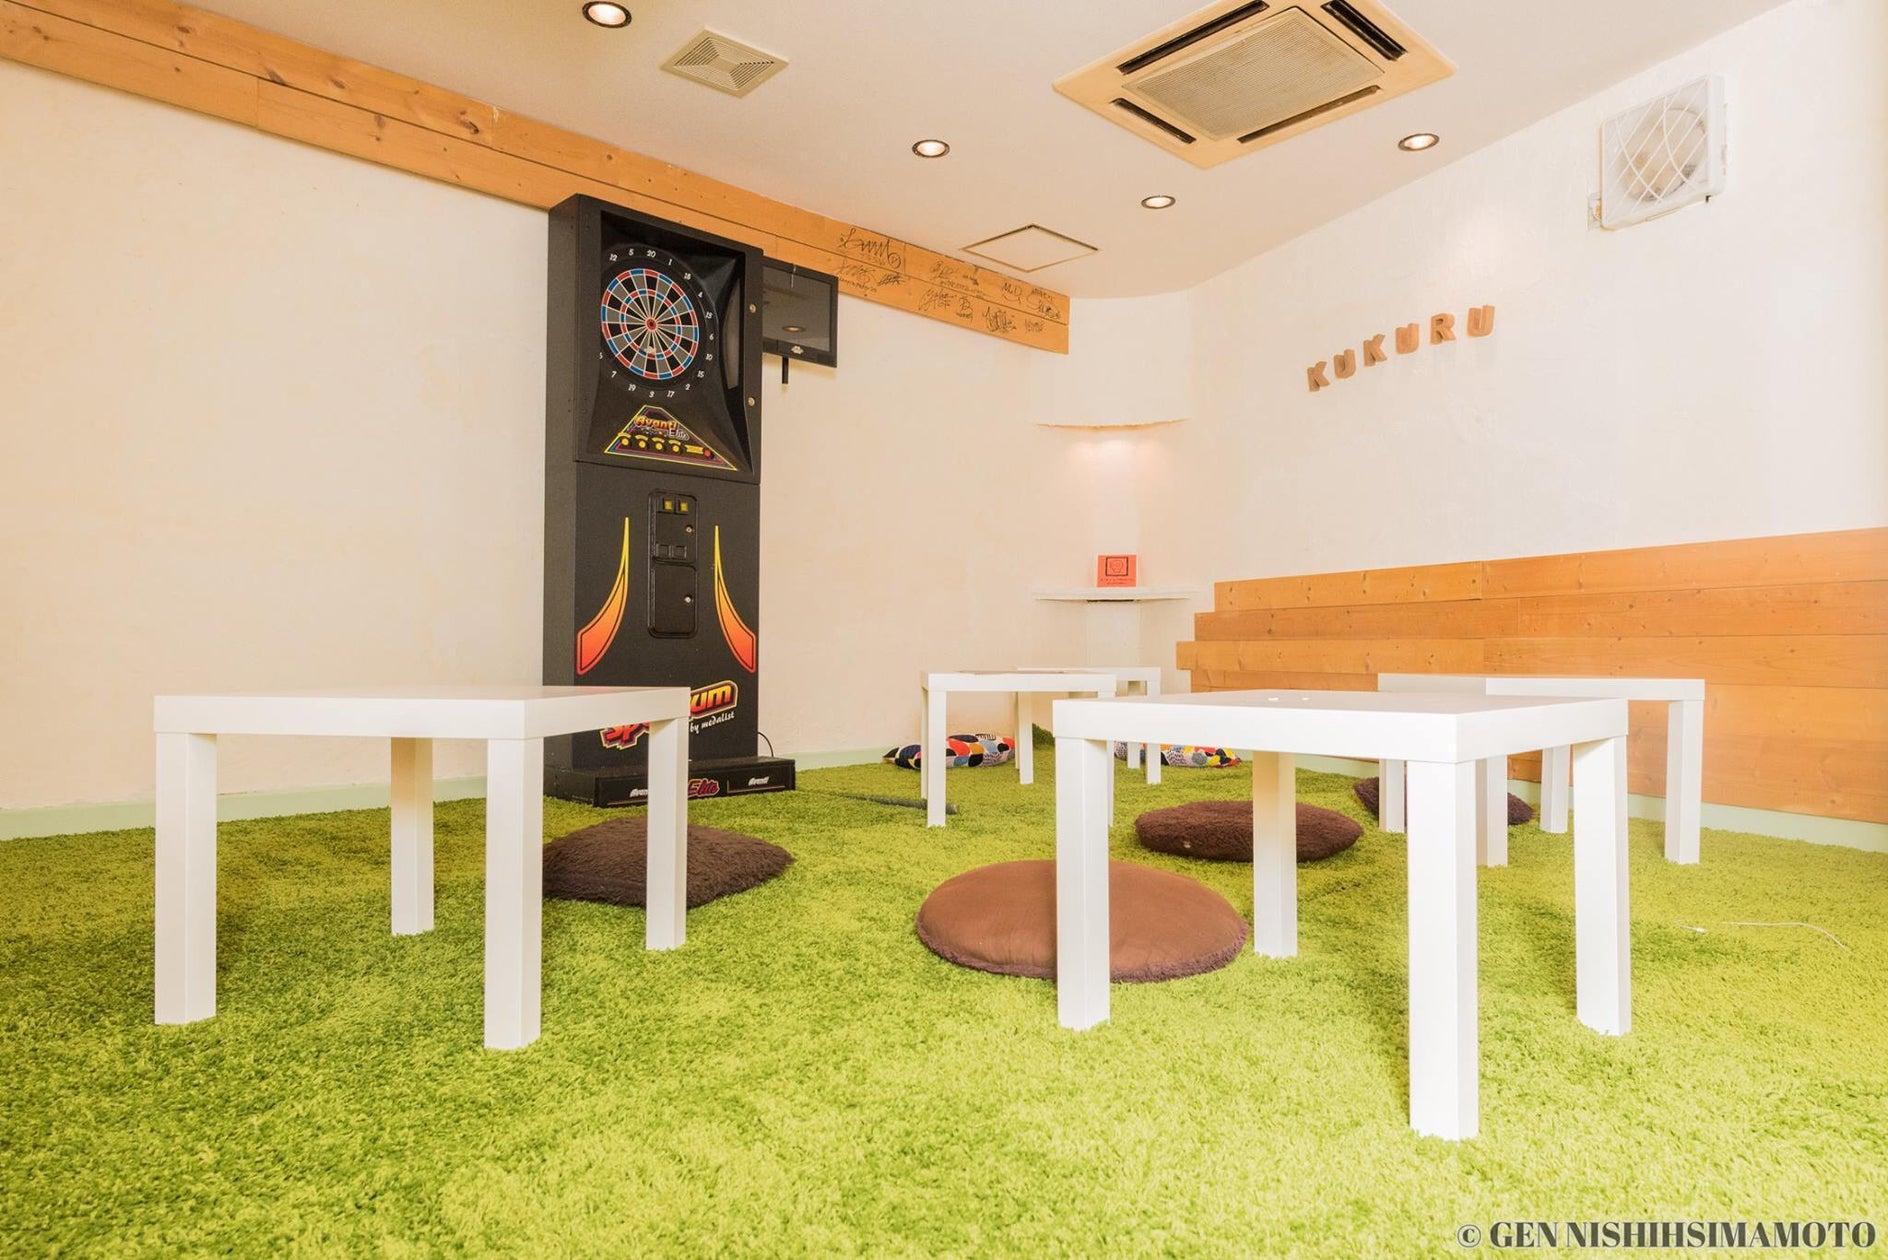 【阪神武庫川•鳴尾】飲食持込み自由のカラオケ付きオシャレなレンタルルーム の写真